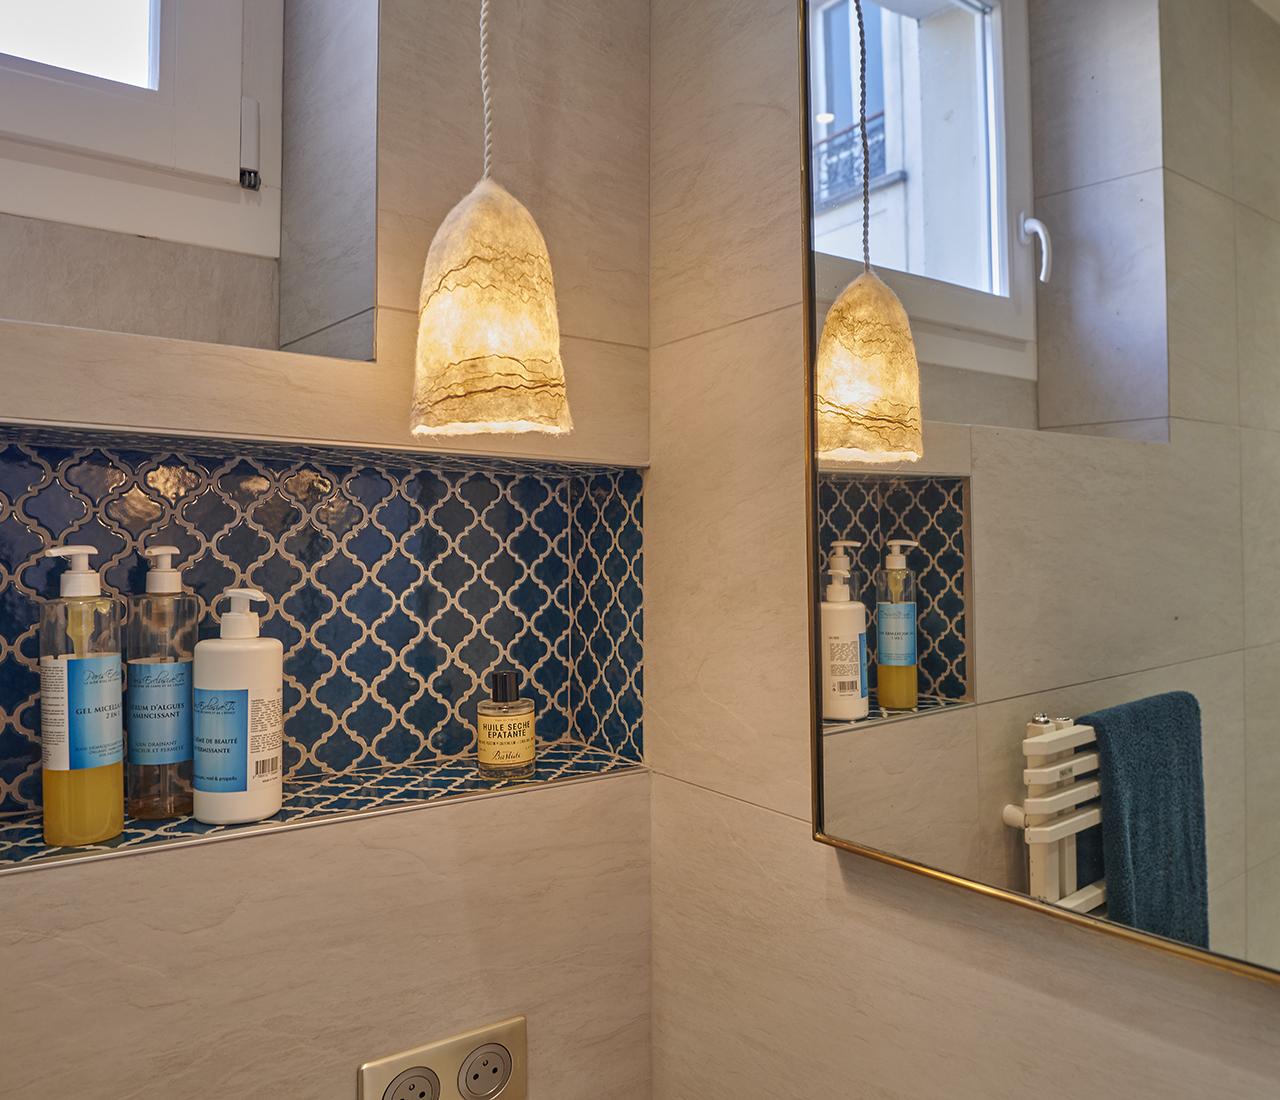 neuilly_bathroom_1